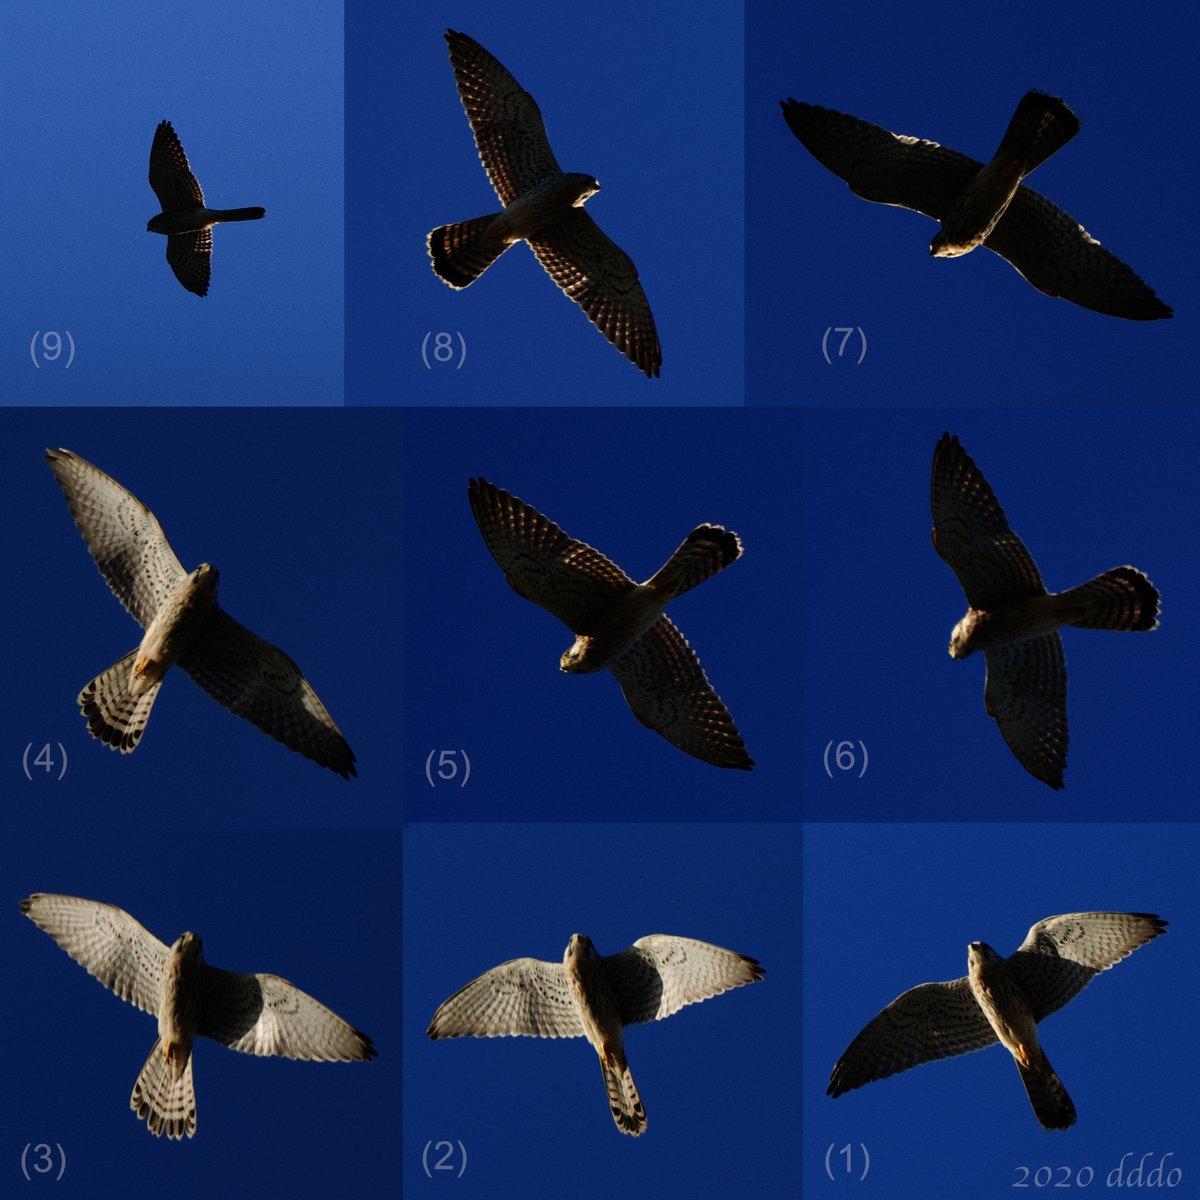 帆翔で旋回しつつ概ね南に #飛行 する #チョウゲンボウ ピクセル等倍。わたりかな^^? でも餌探し風にキョロキョロしている様にも見えますね^^? 2020.09.28 #D500 #500mmF56Epf #CommonKestrel #flight #bird #photo #鳥 #写真 https://t.co/urJKUAy0jH